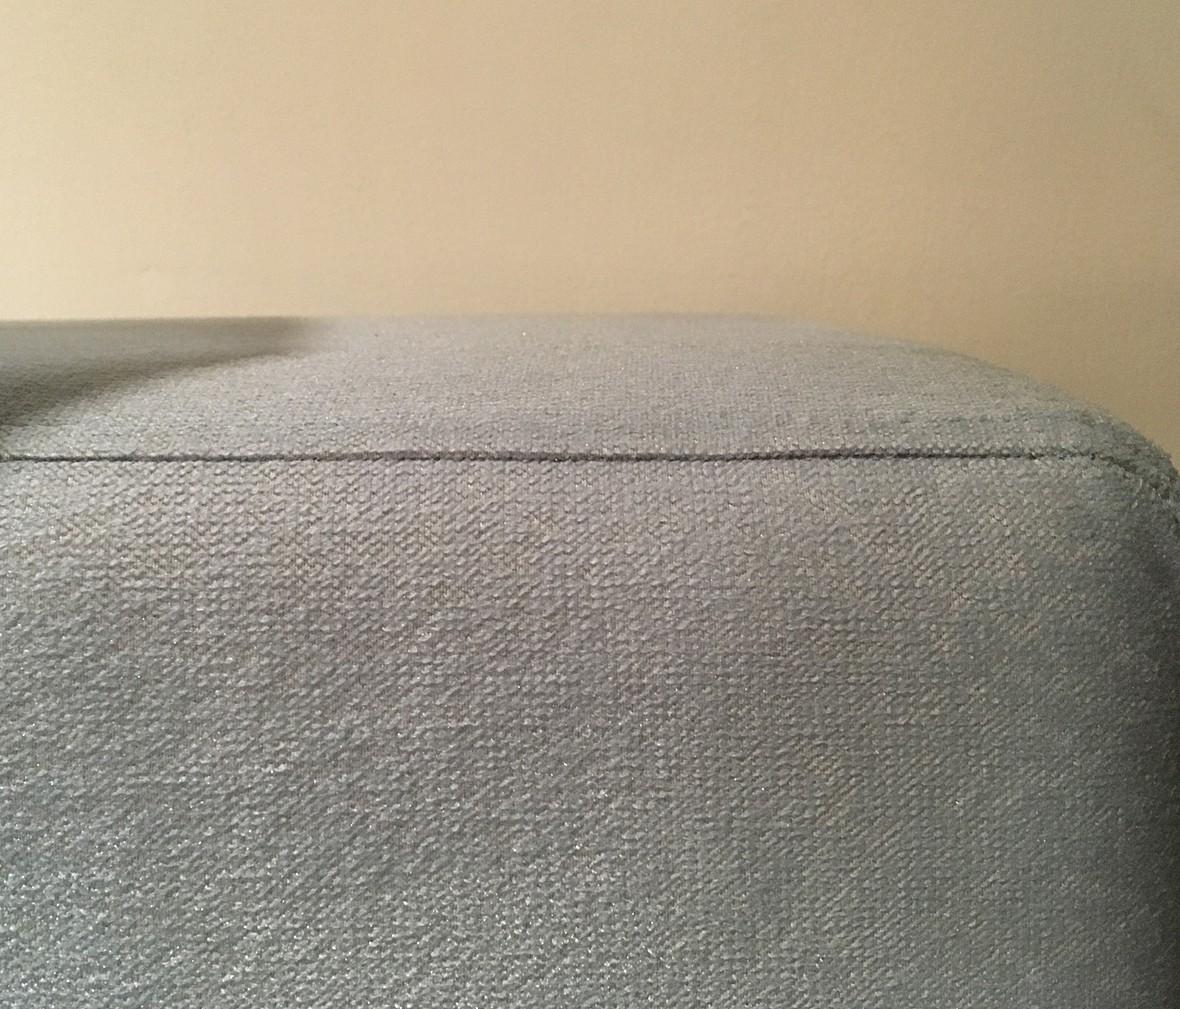 思利明兰 特价A18沙发床 现代简约风格实木框架沙发床 图片、价格、品牌、评测样样齐全!【蓝景商城正品行货,蓝景丽家大钟寺家居广场提货,北京地区配送,领券更优惠,线上线下同品同价,立即购买享受更多优惠哦!】